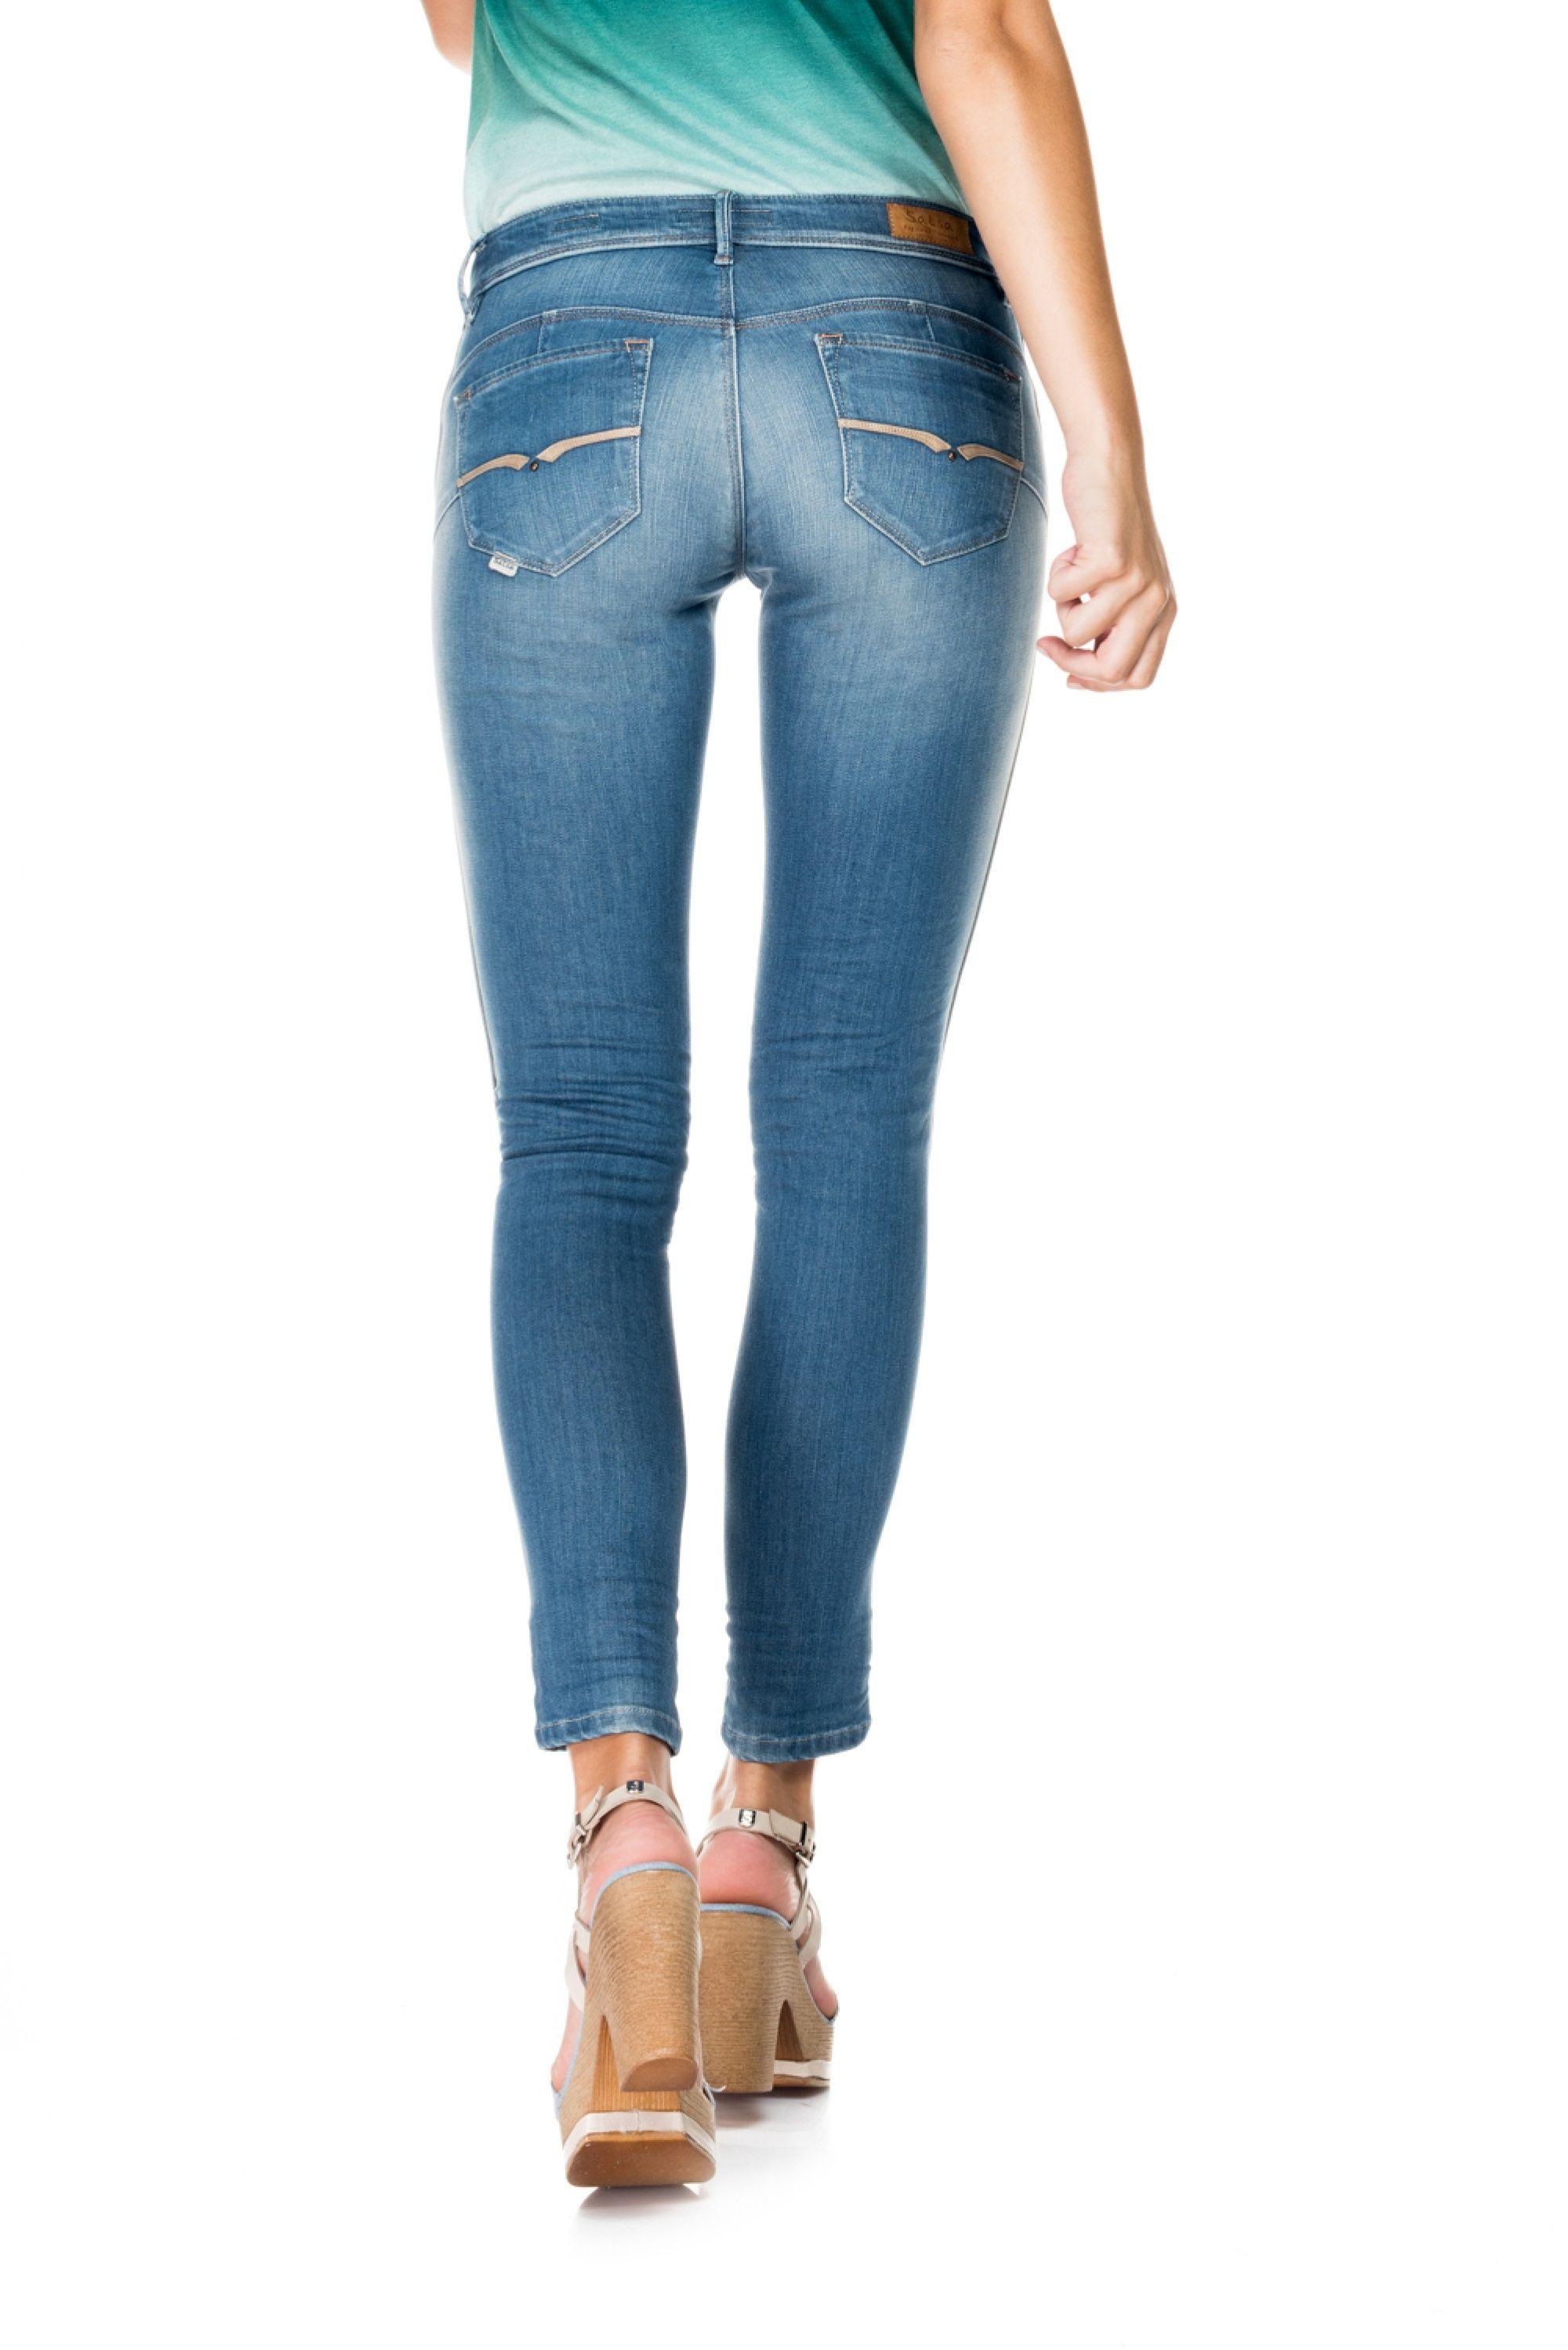 Salsa Jeans - Push Up Shape Up jeans, low rise, original details